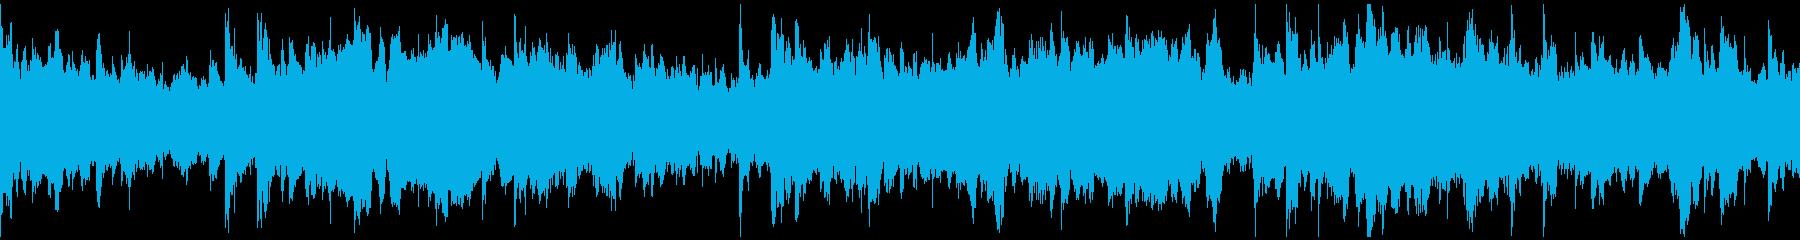 神秘的で重々しい雰囲気のBGMの再生済みの波形